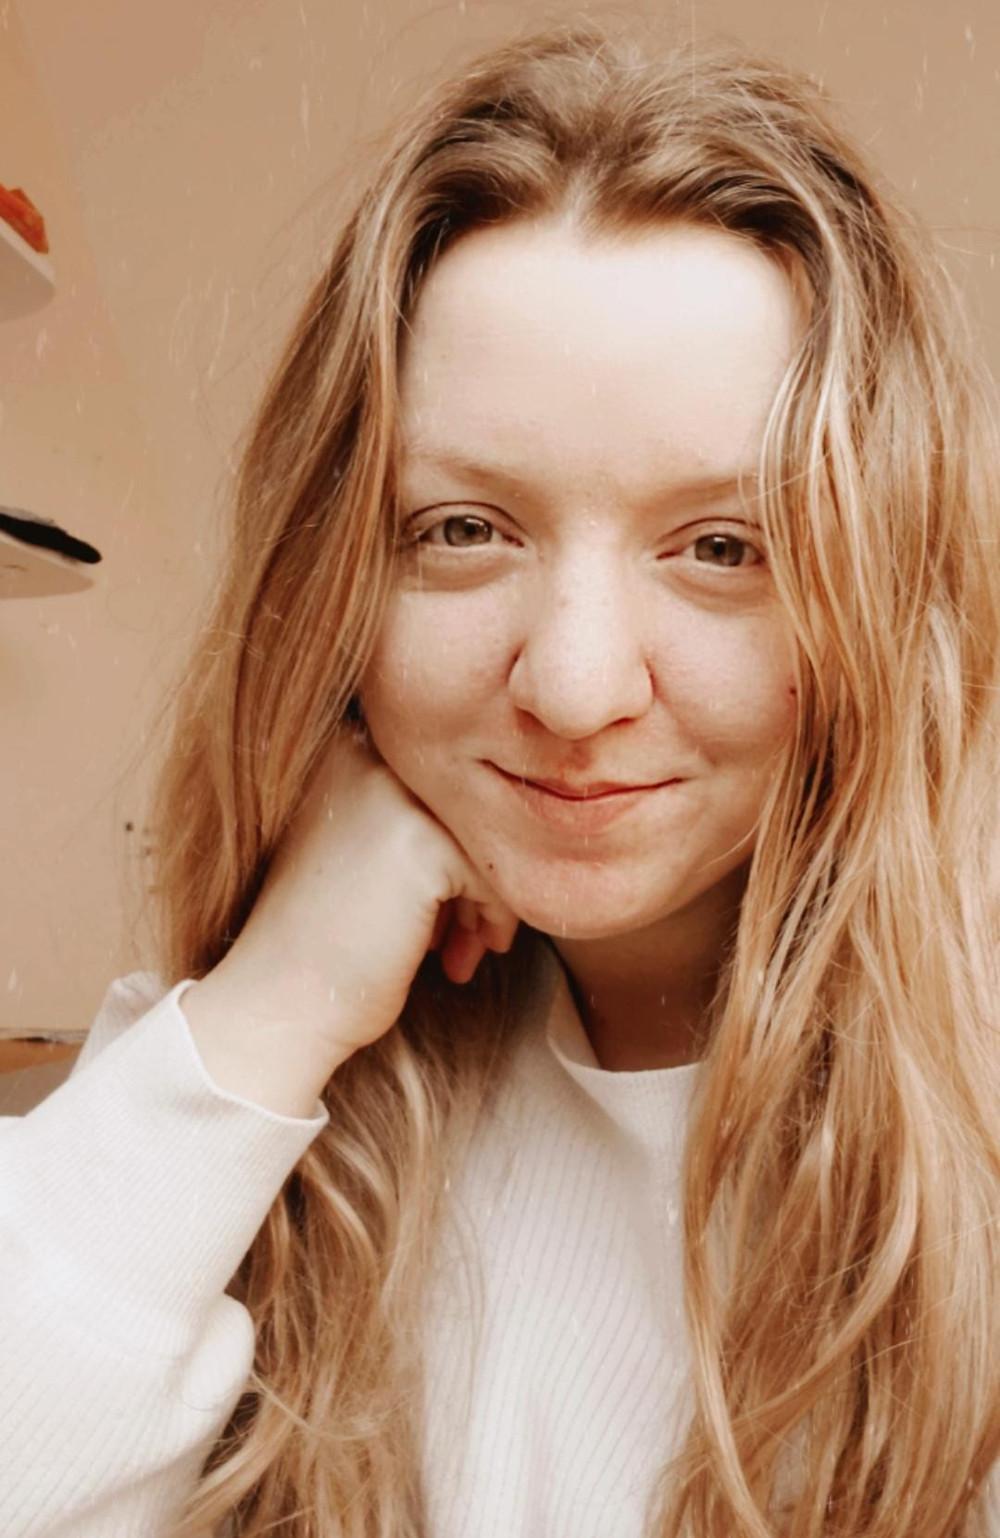 Hannah Schaapkens